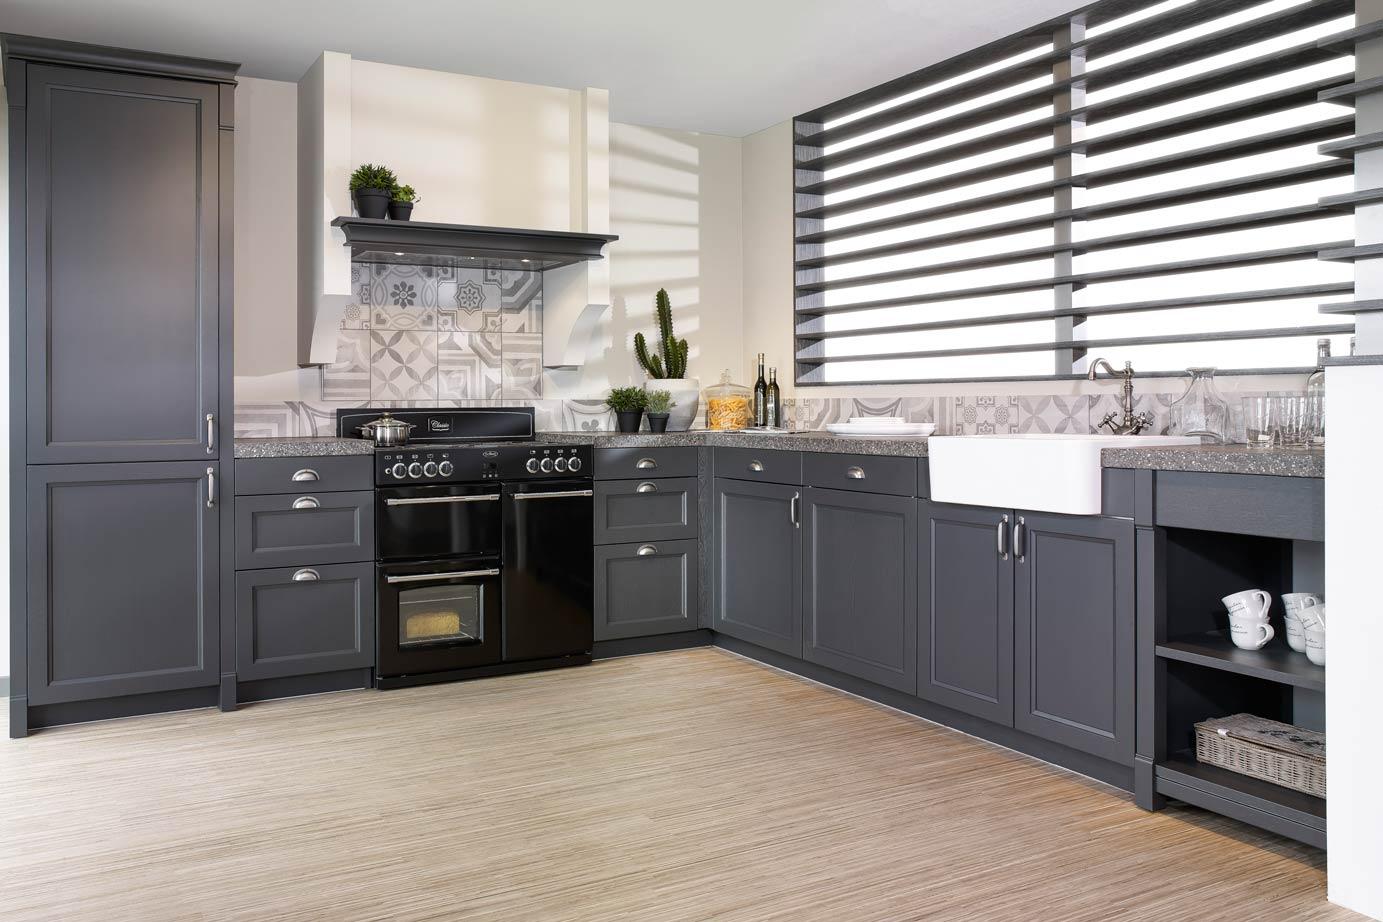 Hoek Keuken Modellen : Zwarte keuken kopen bekijk tientallen voorbeelden arma